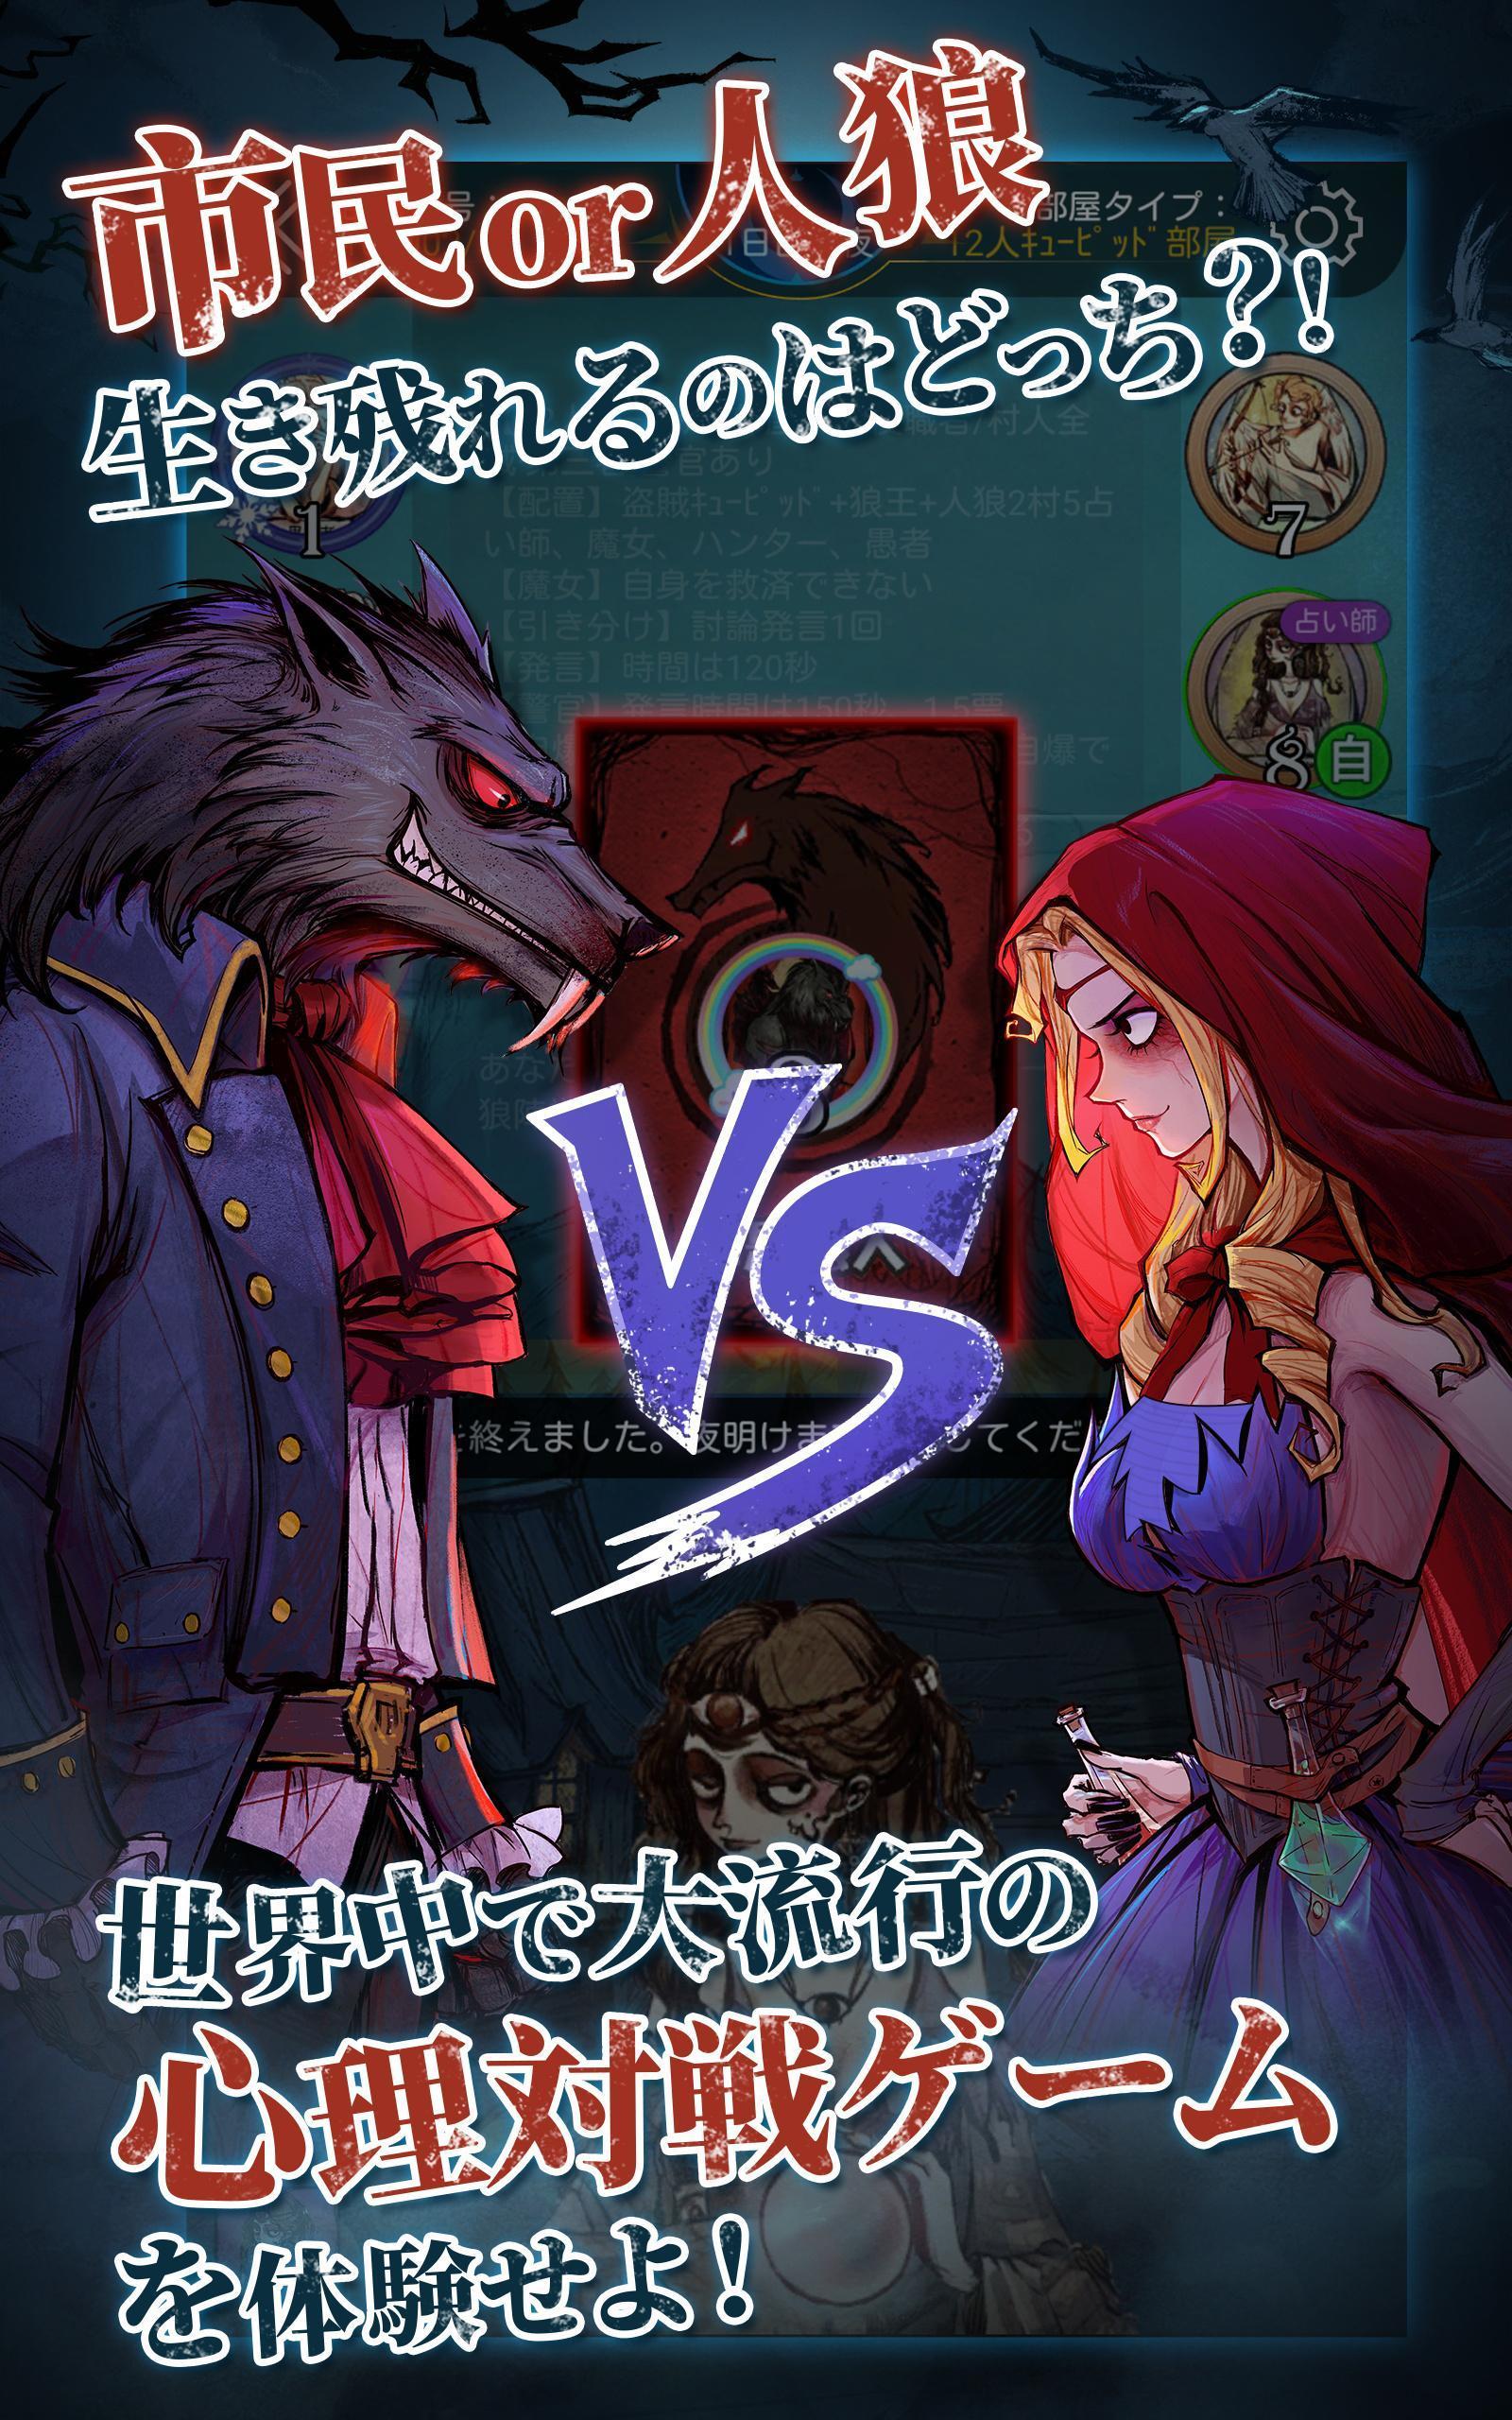 ハンター 人 狼 ゲーム